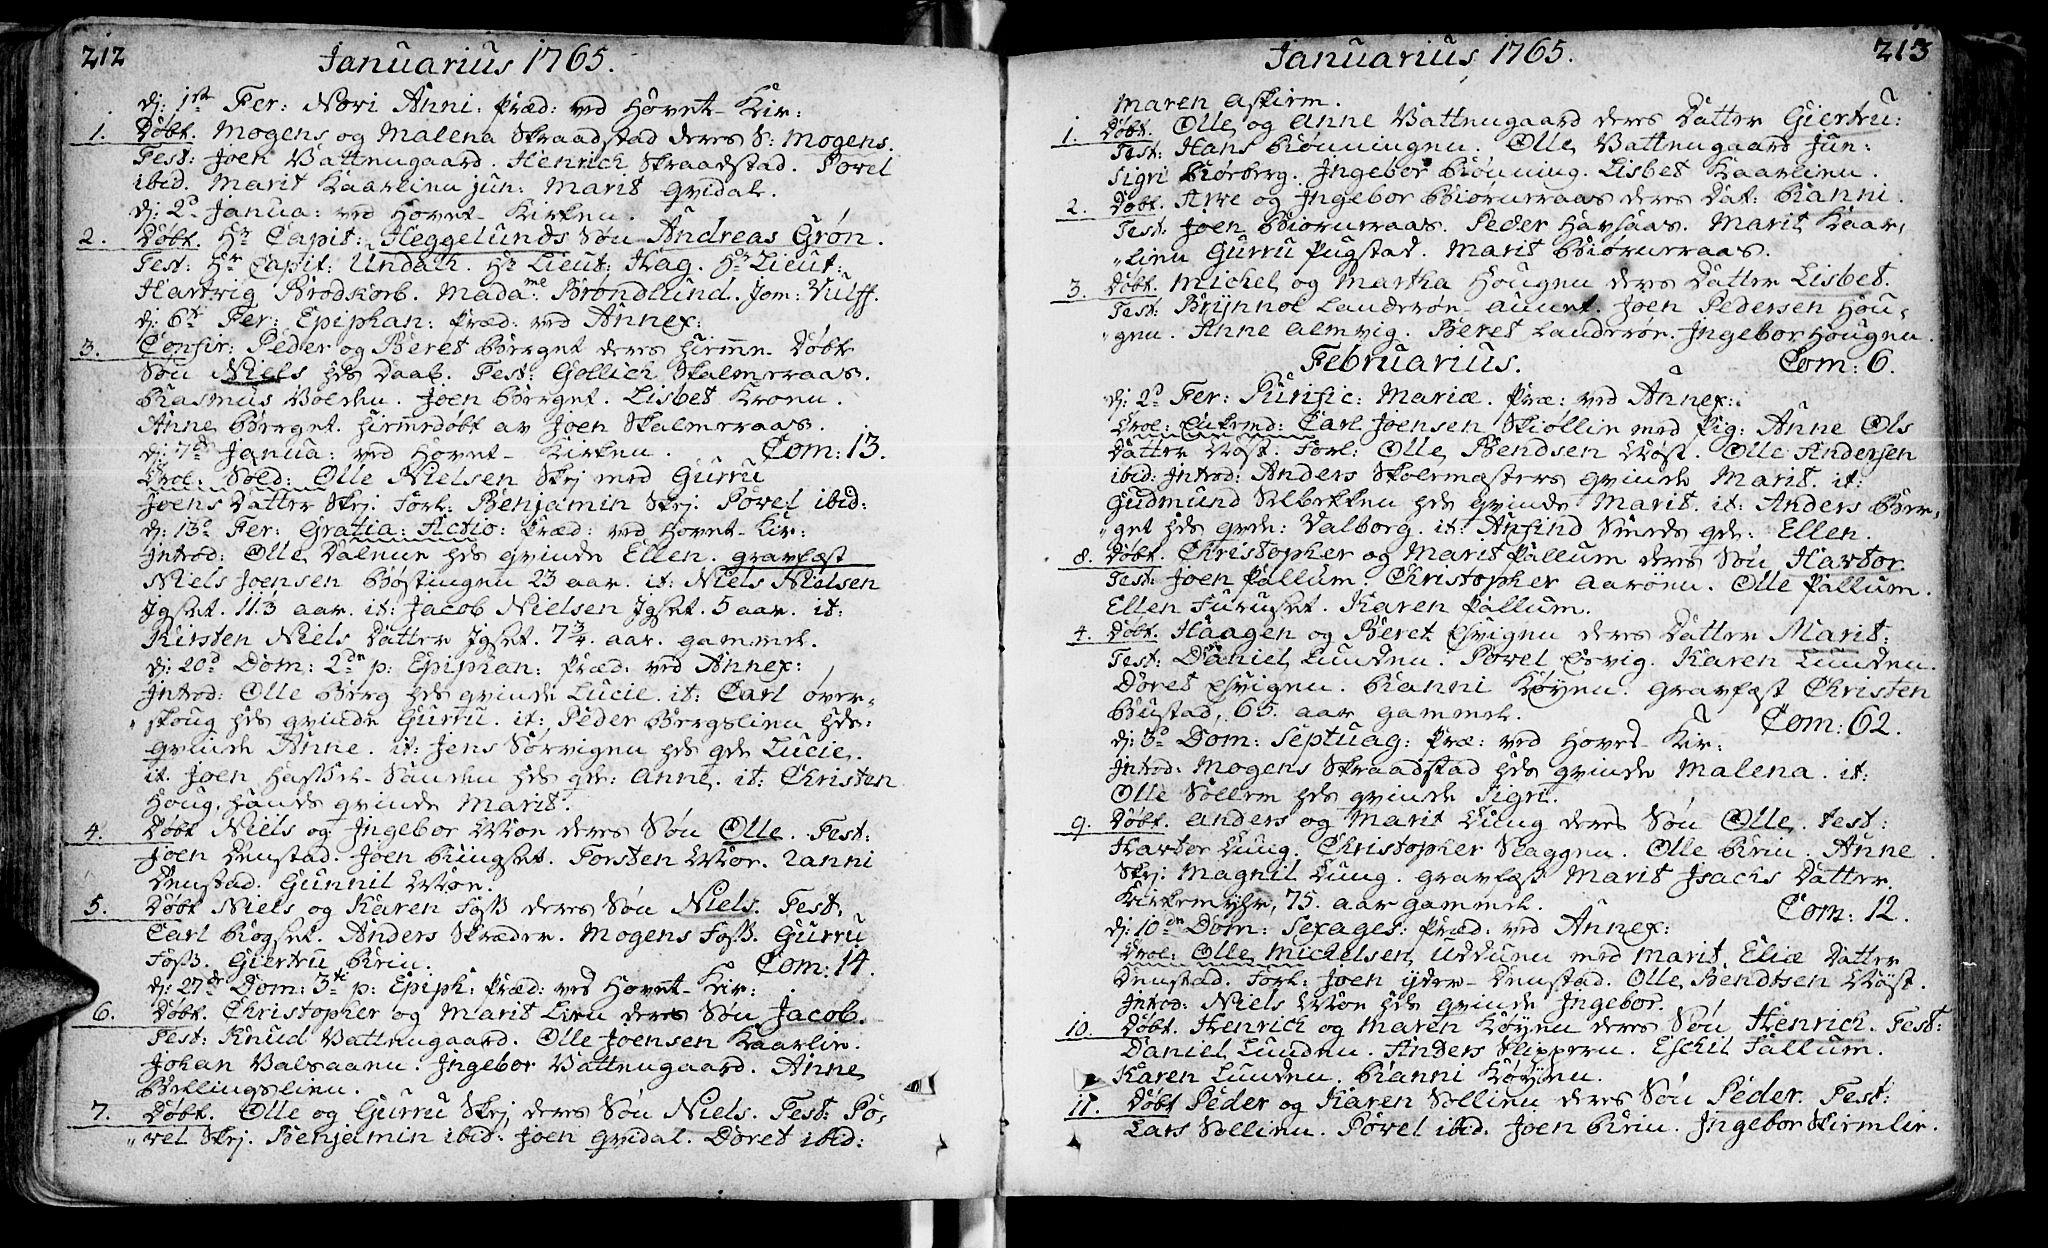 SAT, Ministerialprotokoller, klokkerbøker og fødselsregistre - Sør-Trøndelag, 646/L0605: Ministerialbok nr. 646A03, 1751-1790, s. 212-213